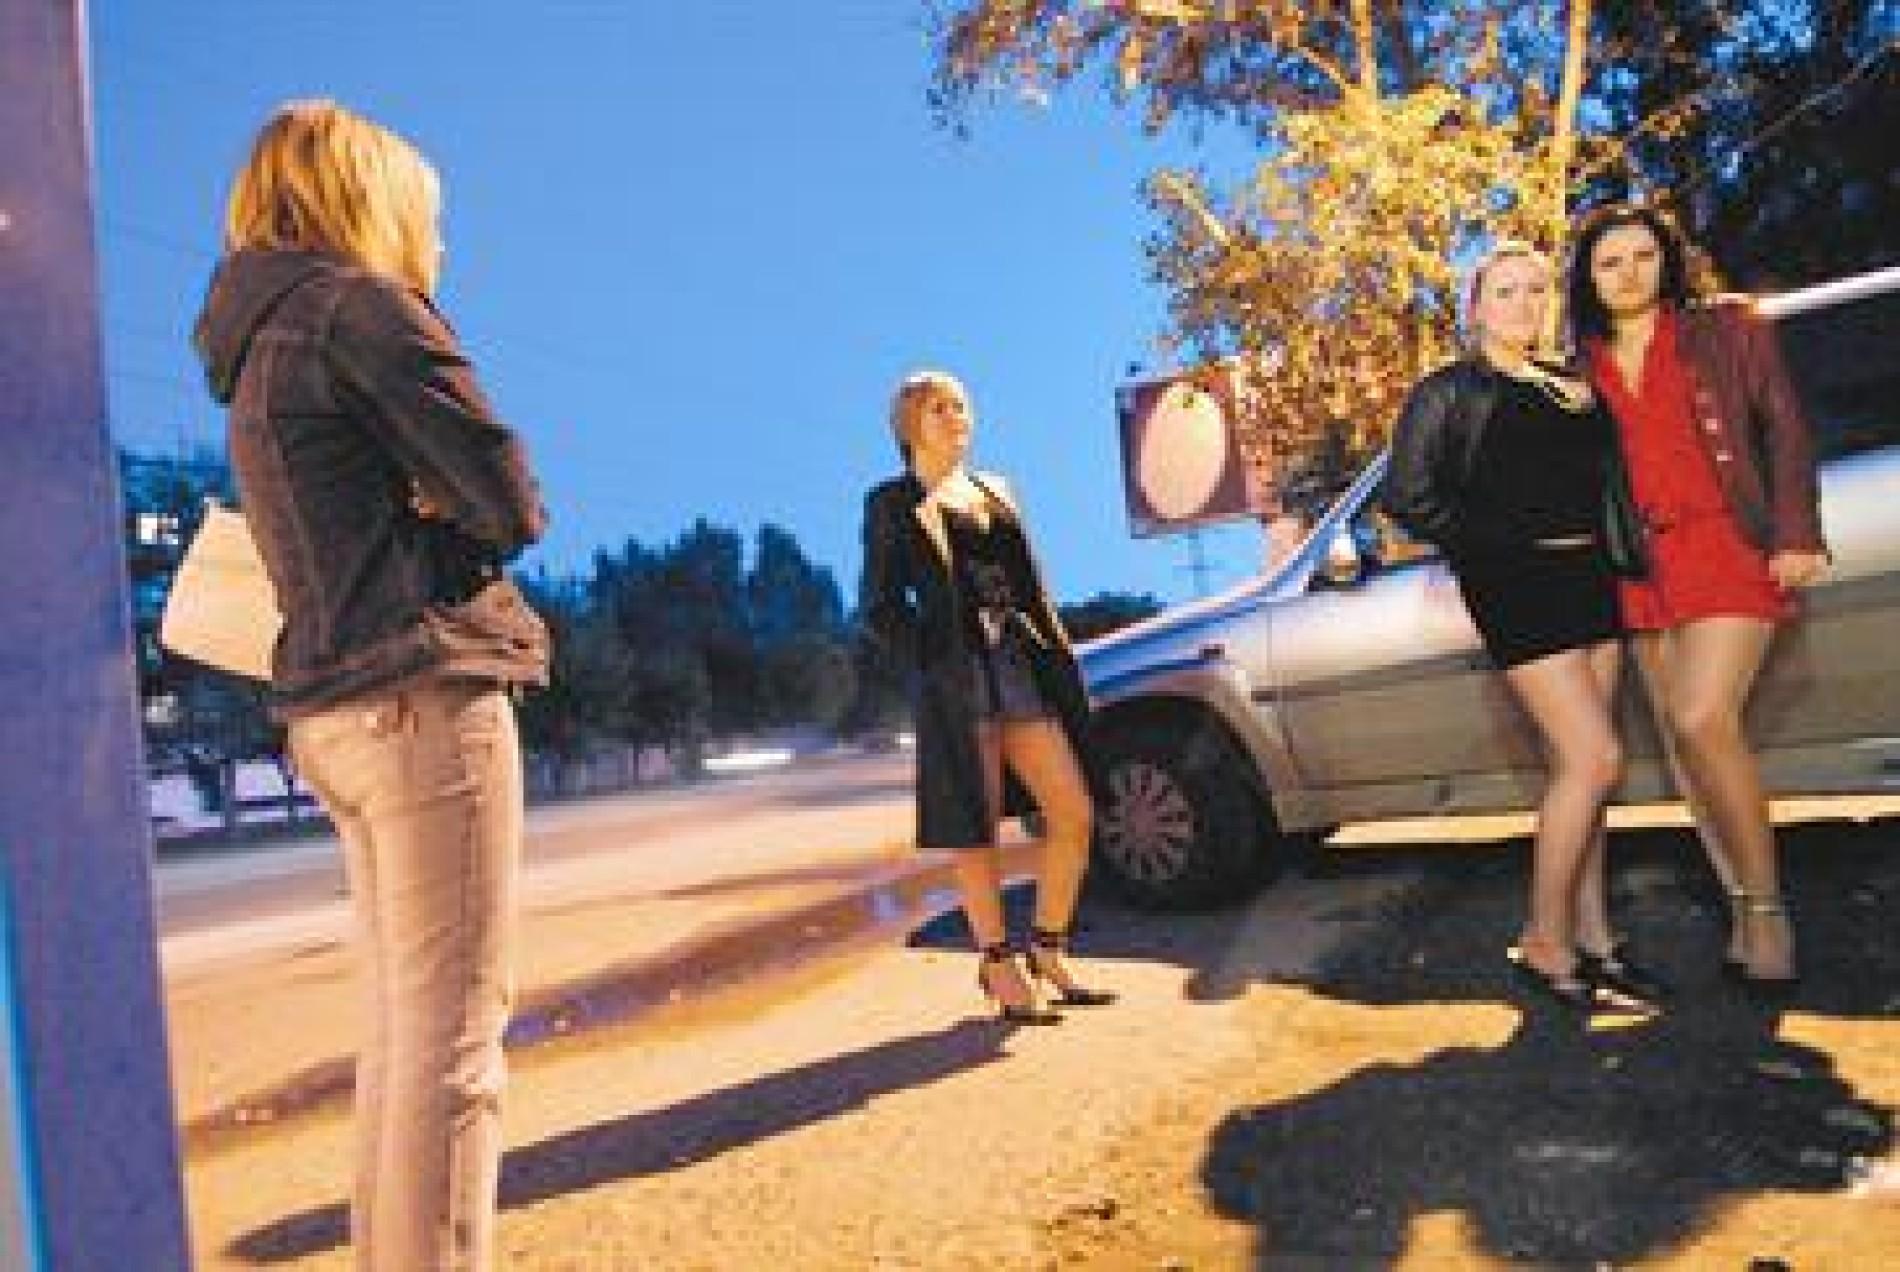 München straßenstrich Corona: Prostituierte